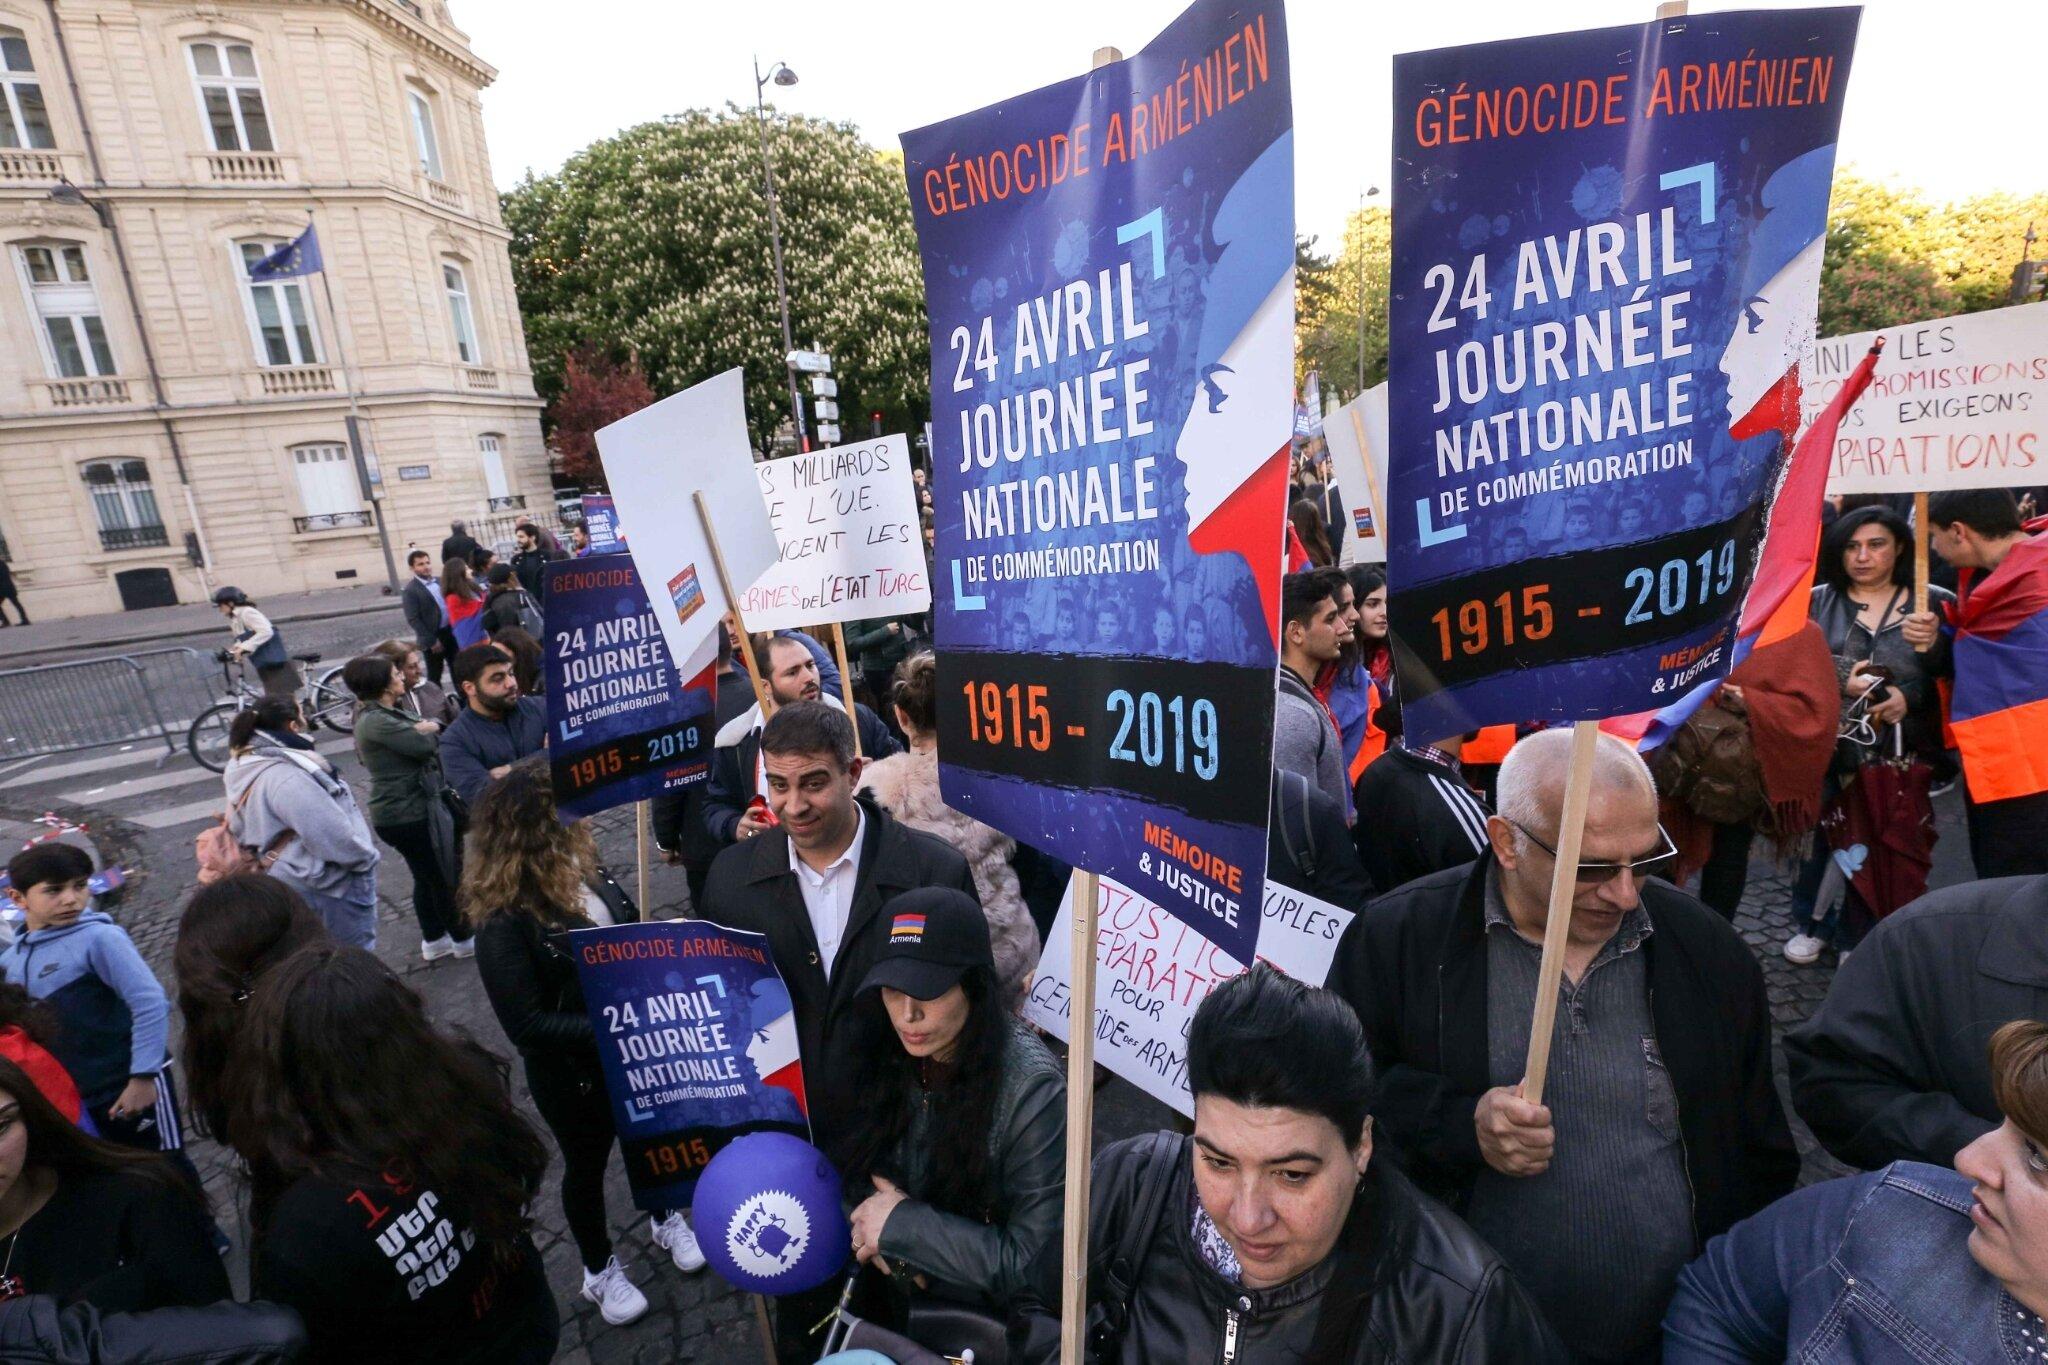 Édouard Philippe défend la commémoration du génocide arménien. © Michel Stoupak. Mer 24.04.2019, 18h53m47.